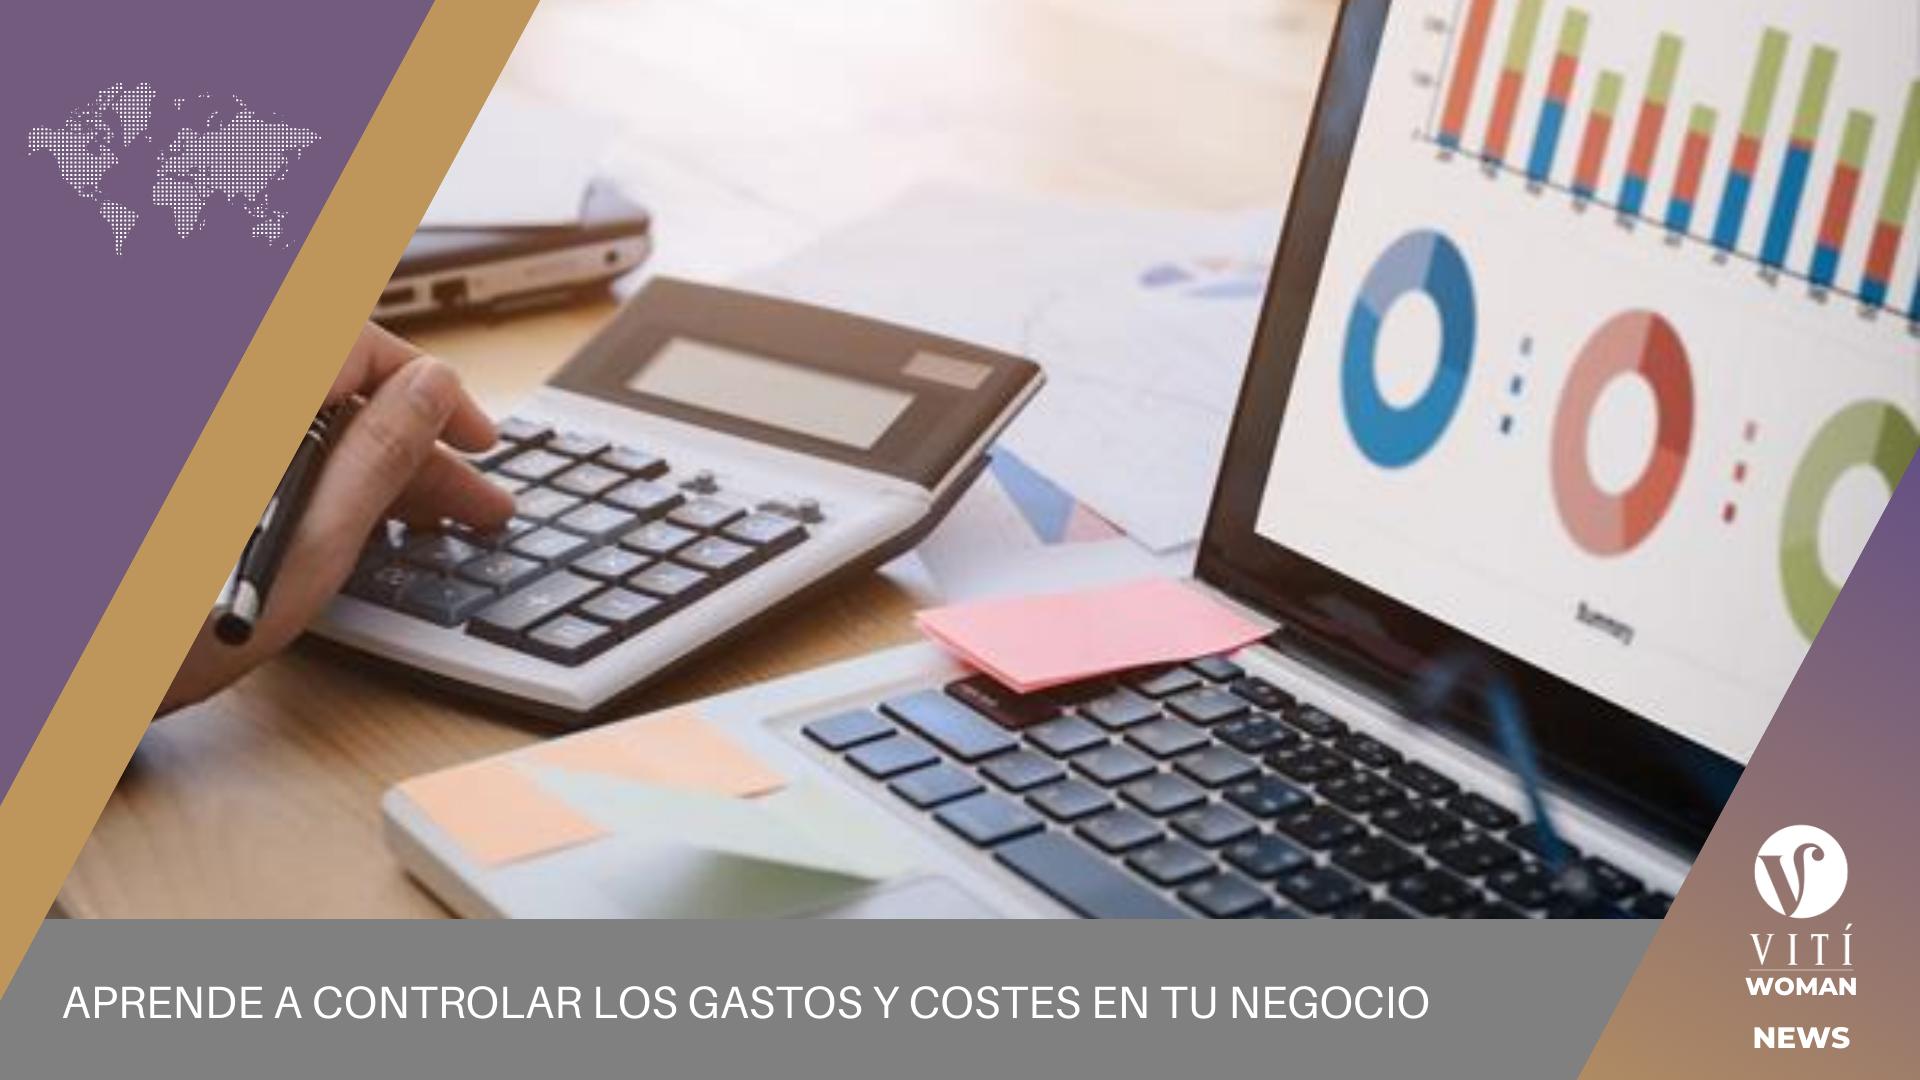 controlar los gastos y costes